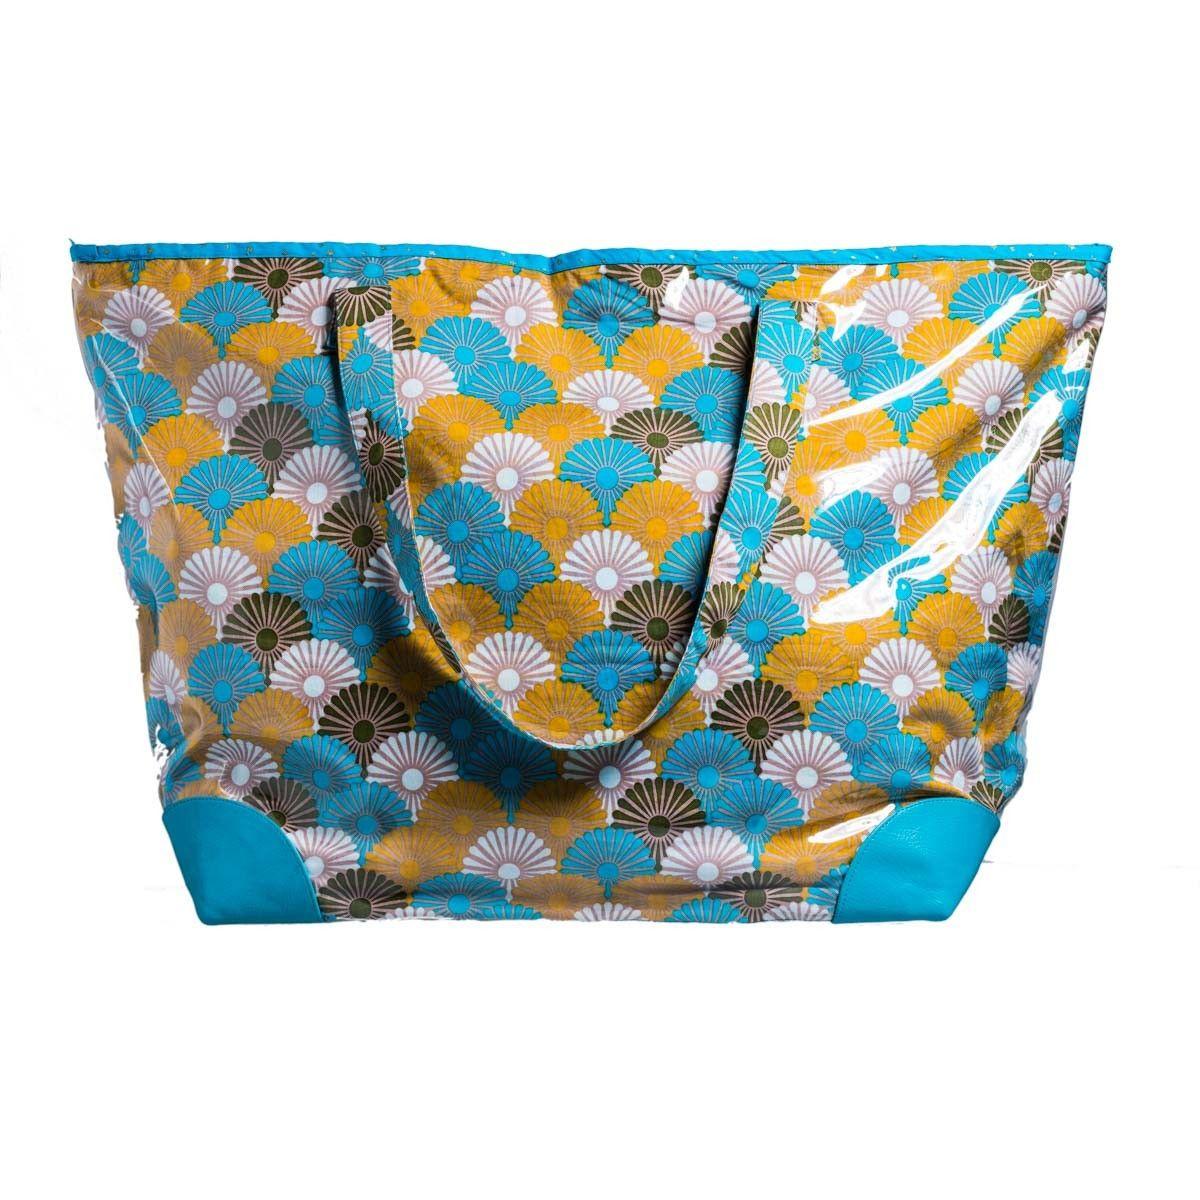 Grand sac cabas/cabas de plage Solas jaune et bleu